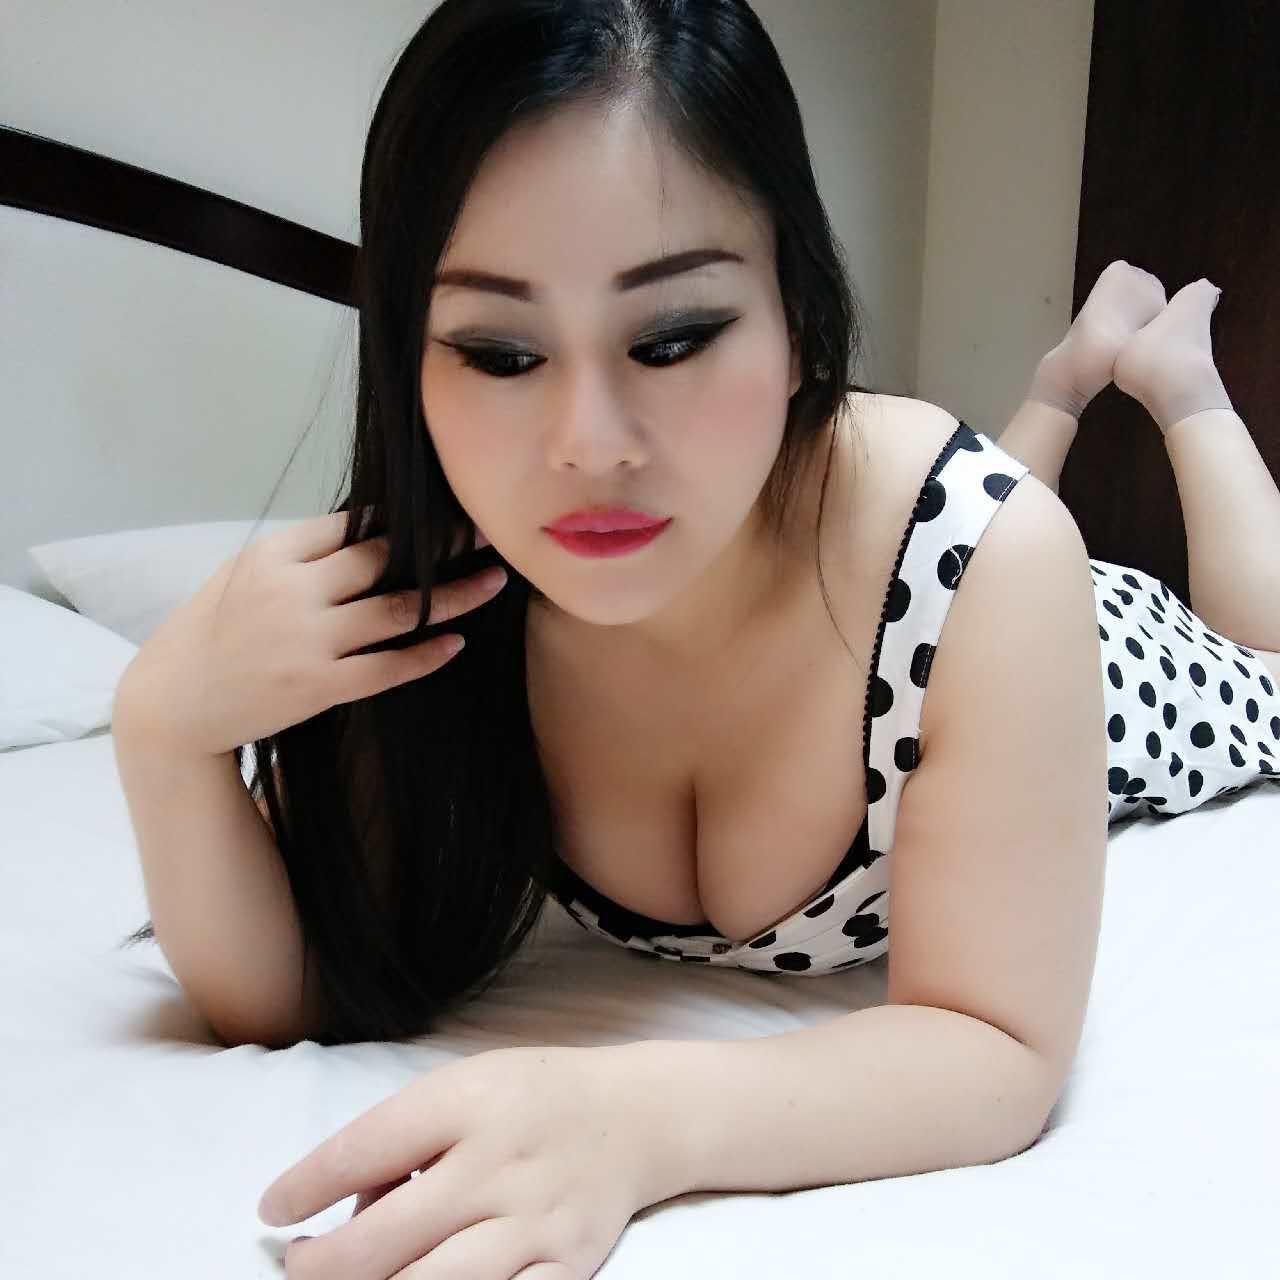 escort girl hot deep throat sex